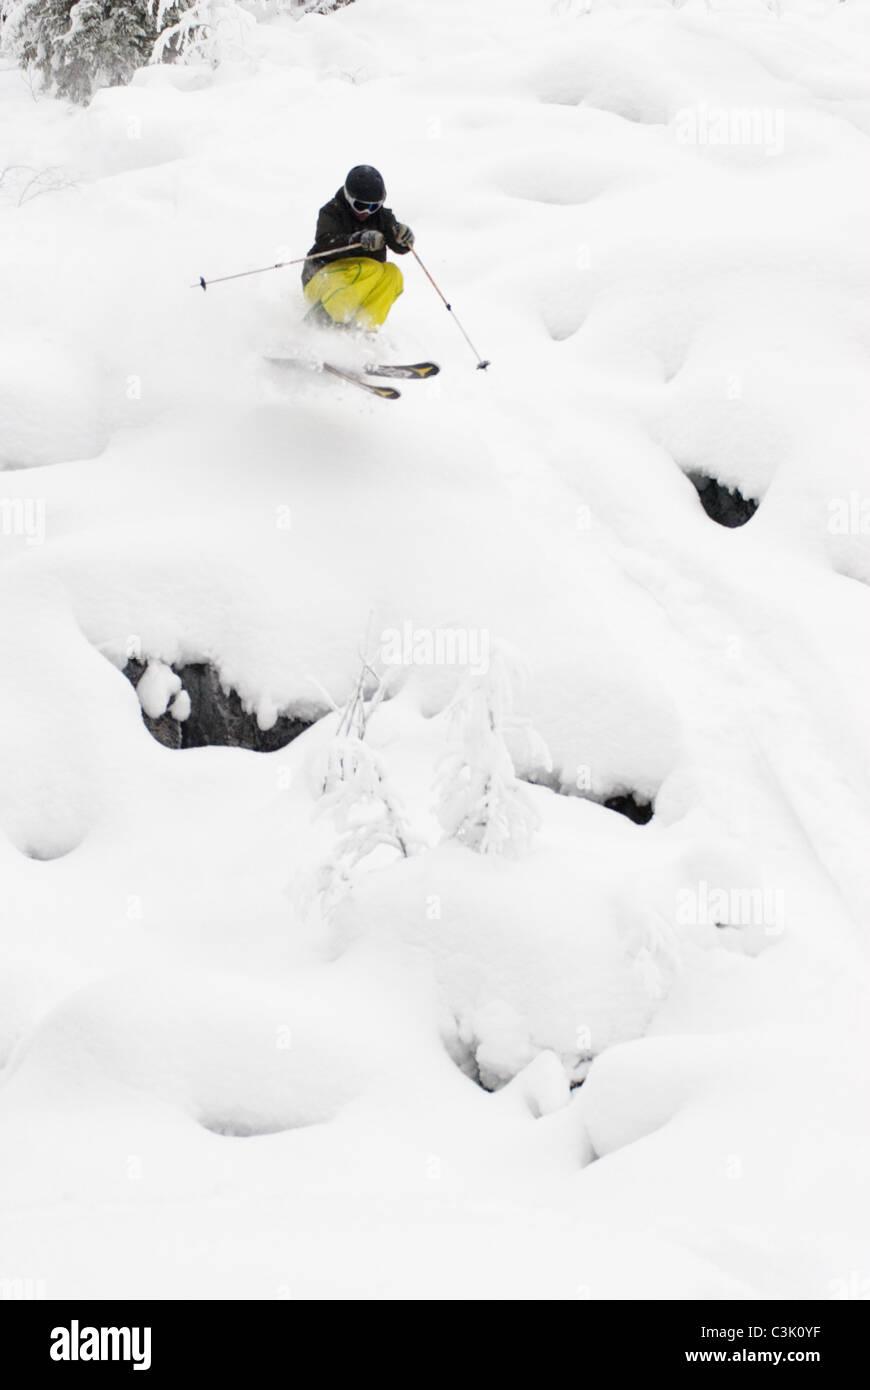 Un libero sciatore sking in polvere in Iso-Syöte, Finlandia Immagini Stock